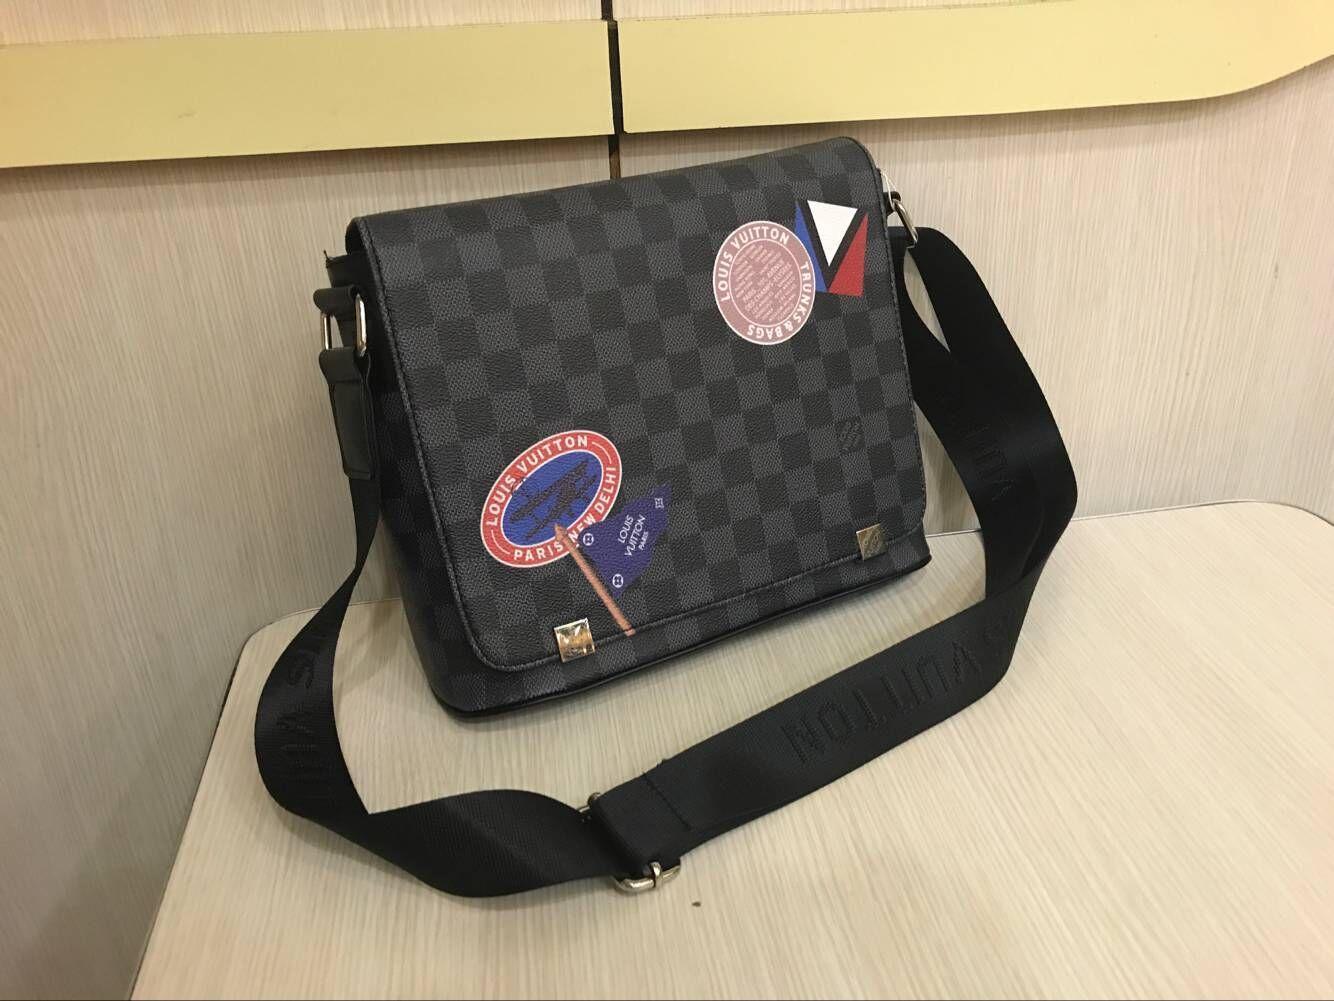 2020 neue klassische Frauen Männer Männer Art und Weise Leder Messenger Bags Umhängetasche Schule bookbag Umhängetasche Aktentasche 28CM